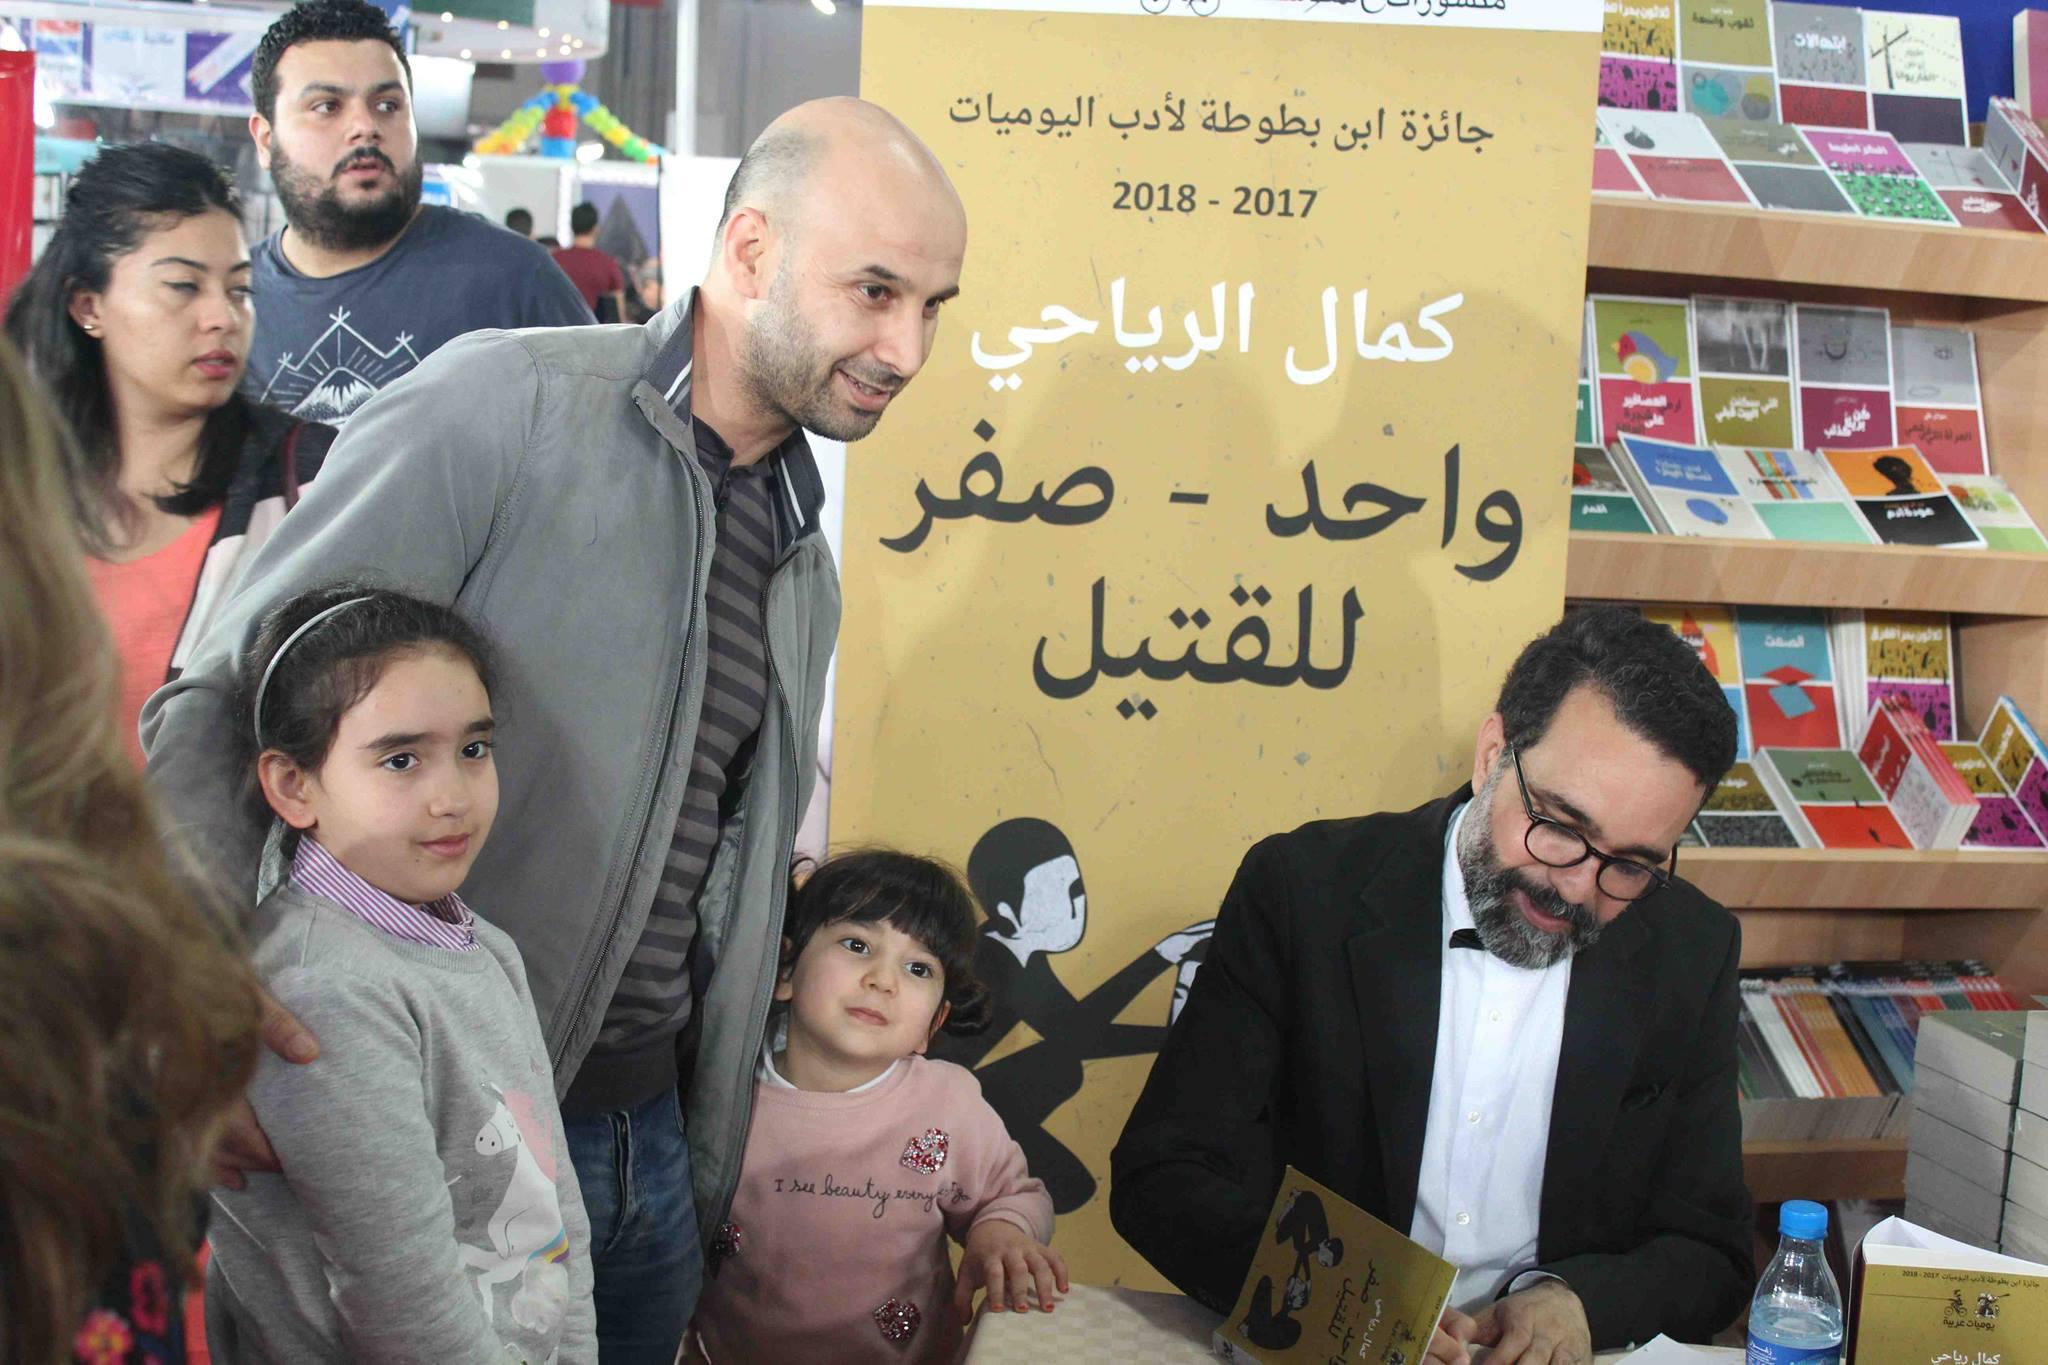 كمال الرياحى يوقع كتابه واحد صفر للقتيل الفائز بجائزة ابن بطوطة فى معرض تونس (26)